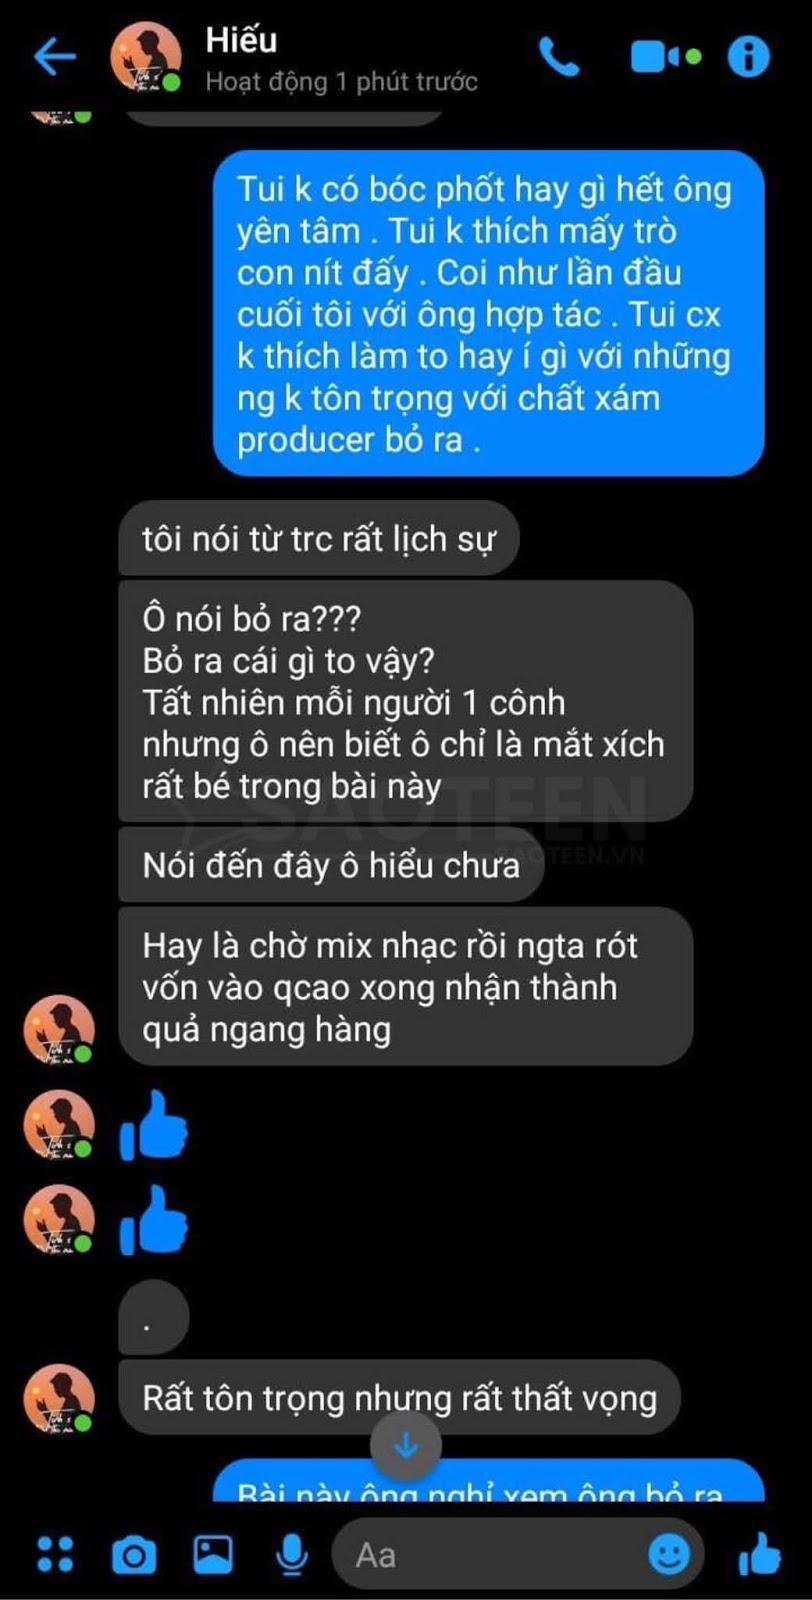 NÓNG: Giọng ca 'Tình Sầu Thiên Thu Muôn Lối' bị đồng nghiệp tố ăn chặn doanh thu làm nhạc, hưởng lợi một mình trong sản phẩm mới